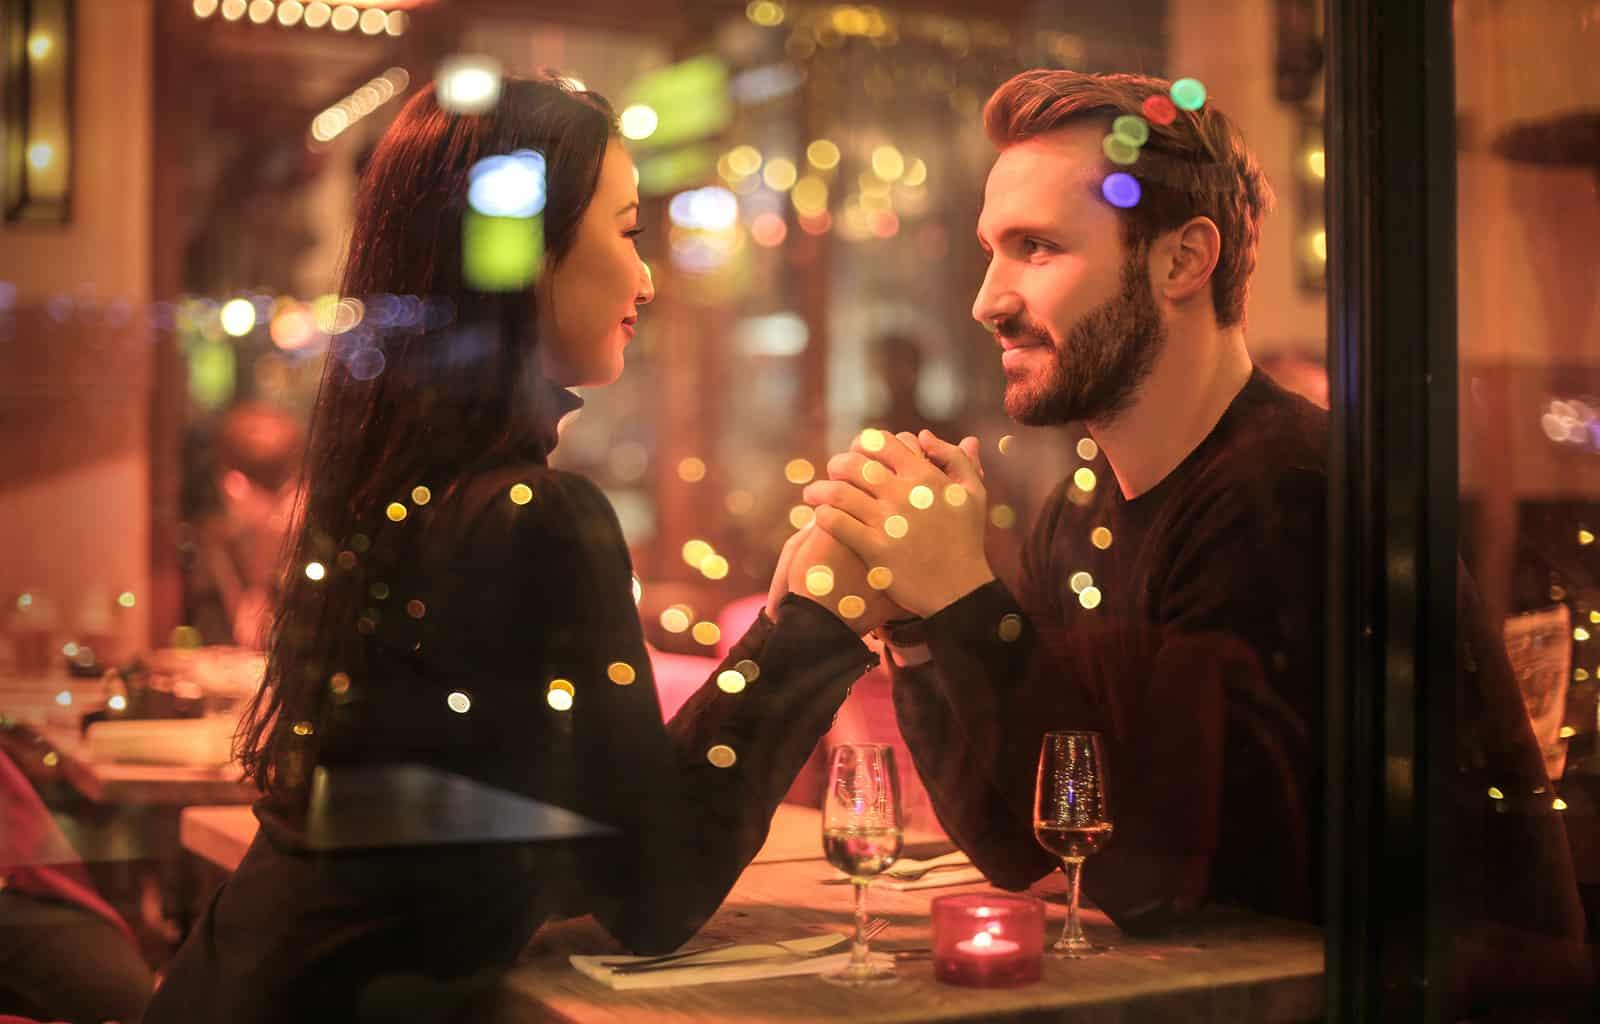 ein liebevolles Paar Händchen haltend in einem romantischen Restaurant